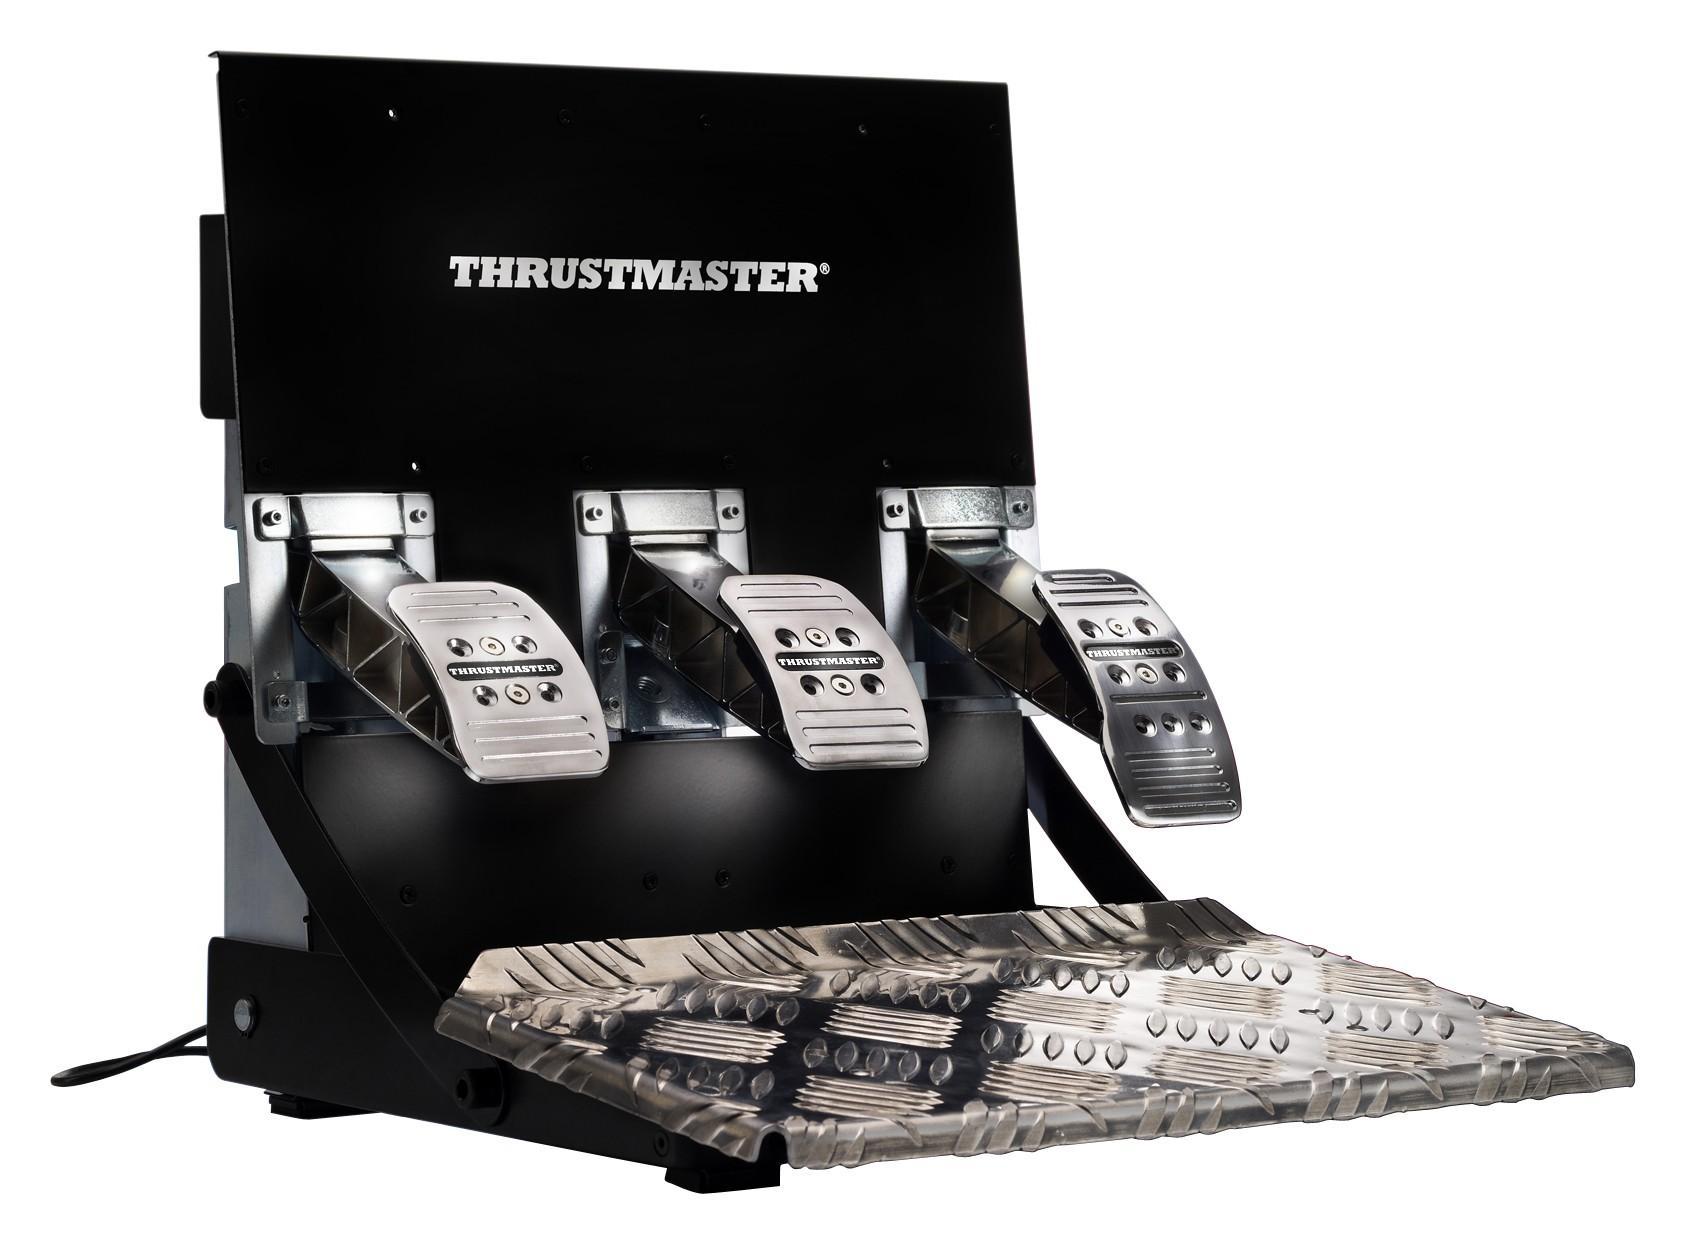 Pédalier T3PA-PRO Thrustmaster - Reconditionné (garantie de 6 mois)